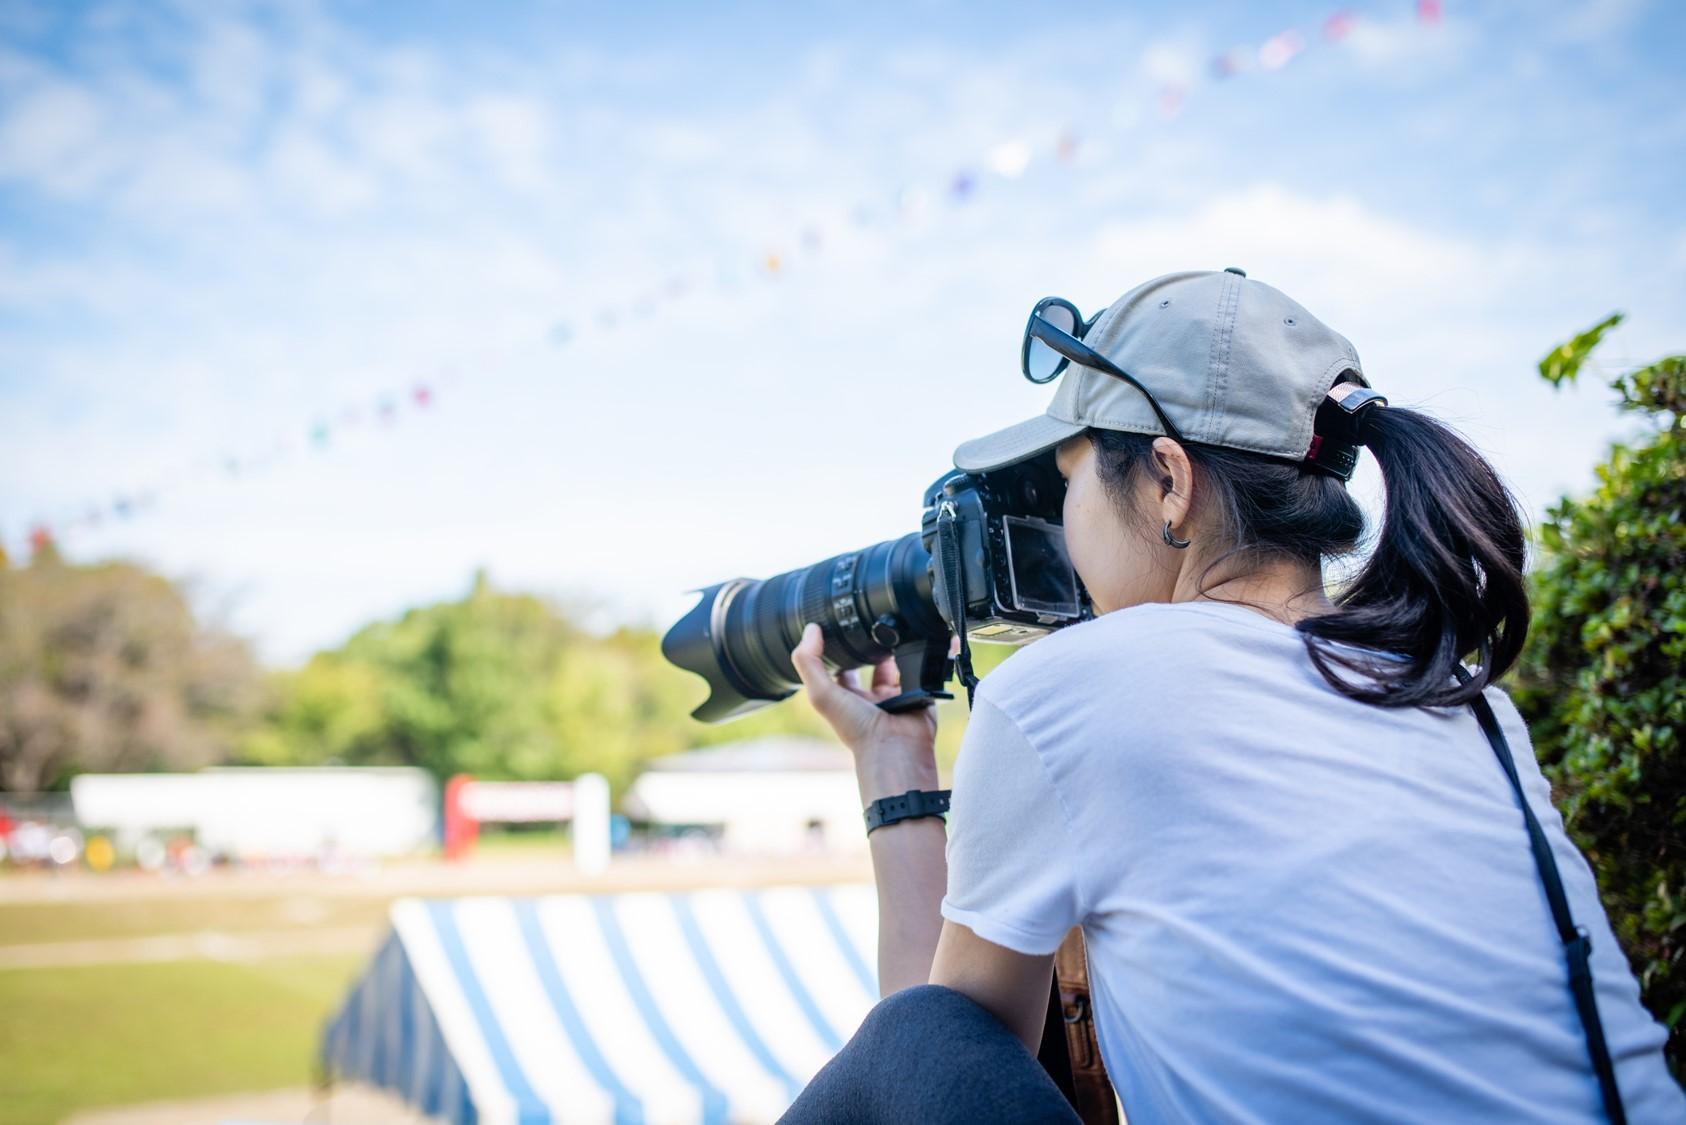 保育園保護者、行事縮小でも9割超が「満足」 「スマート」「撮影しやすい」など縮小のメリットも